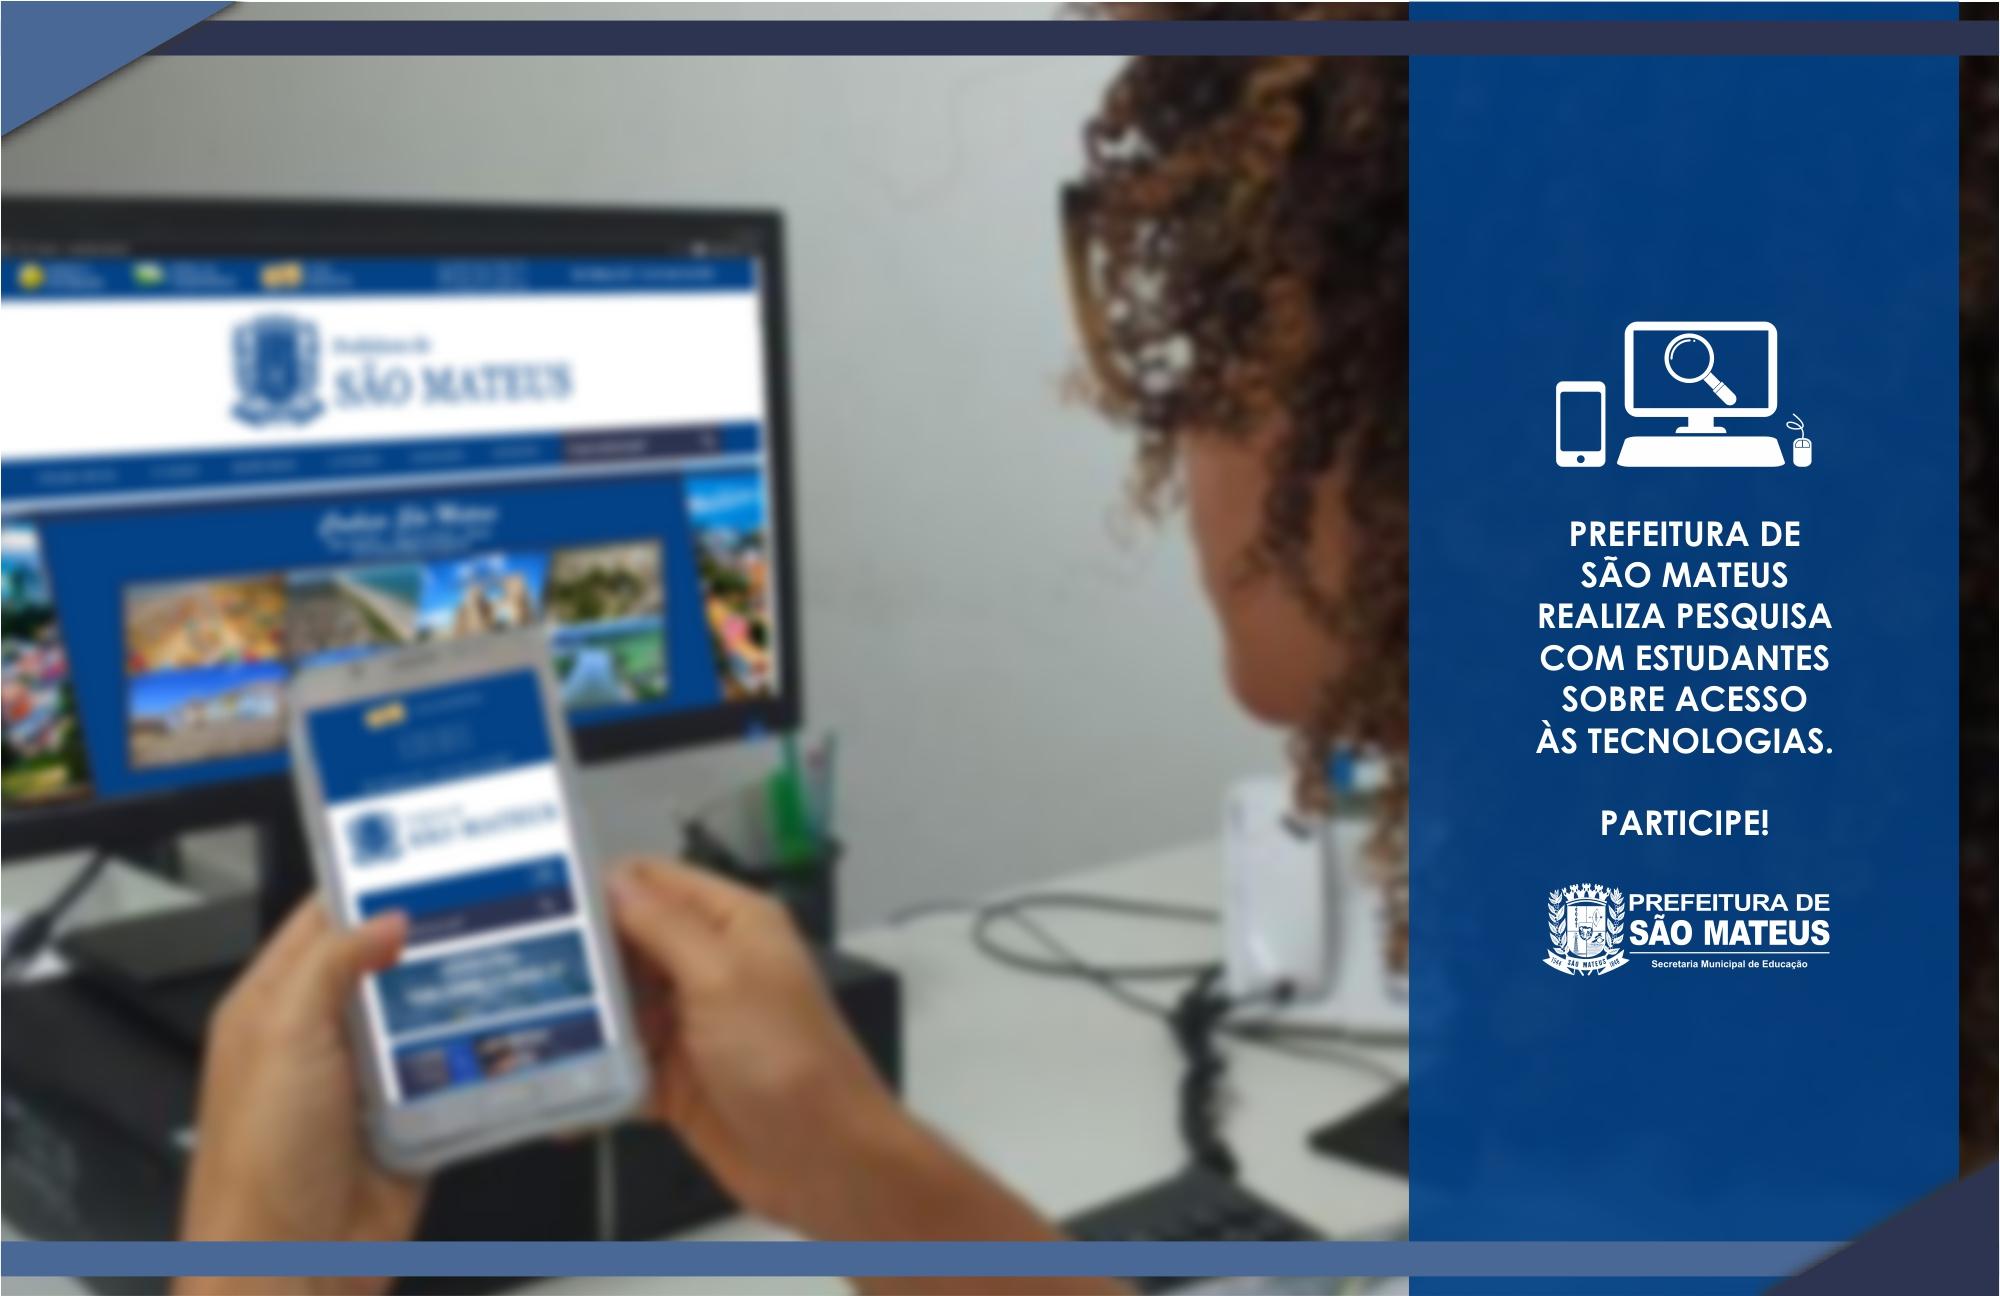 PREFEITURA DE SÃO MATEUS REALIZA PESQUISA COM ESTUDANTES SOBRE ACESSO ÀS TECNOLOGIAS. PARTICIPE!